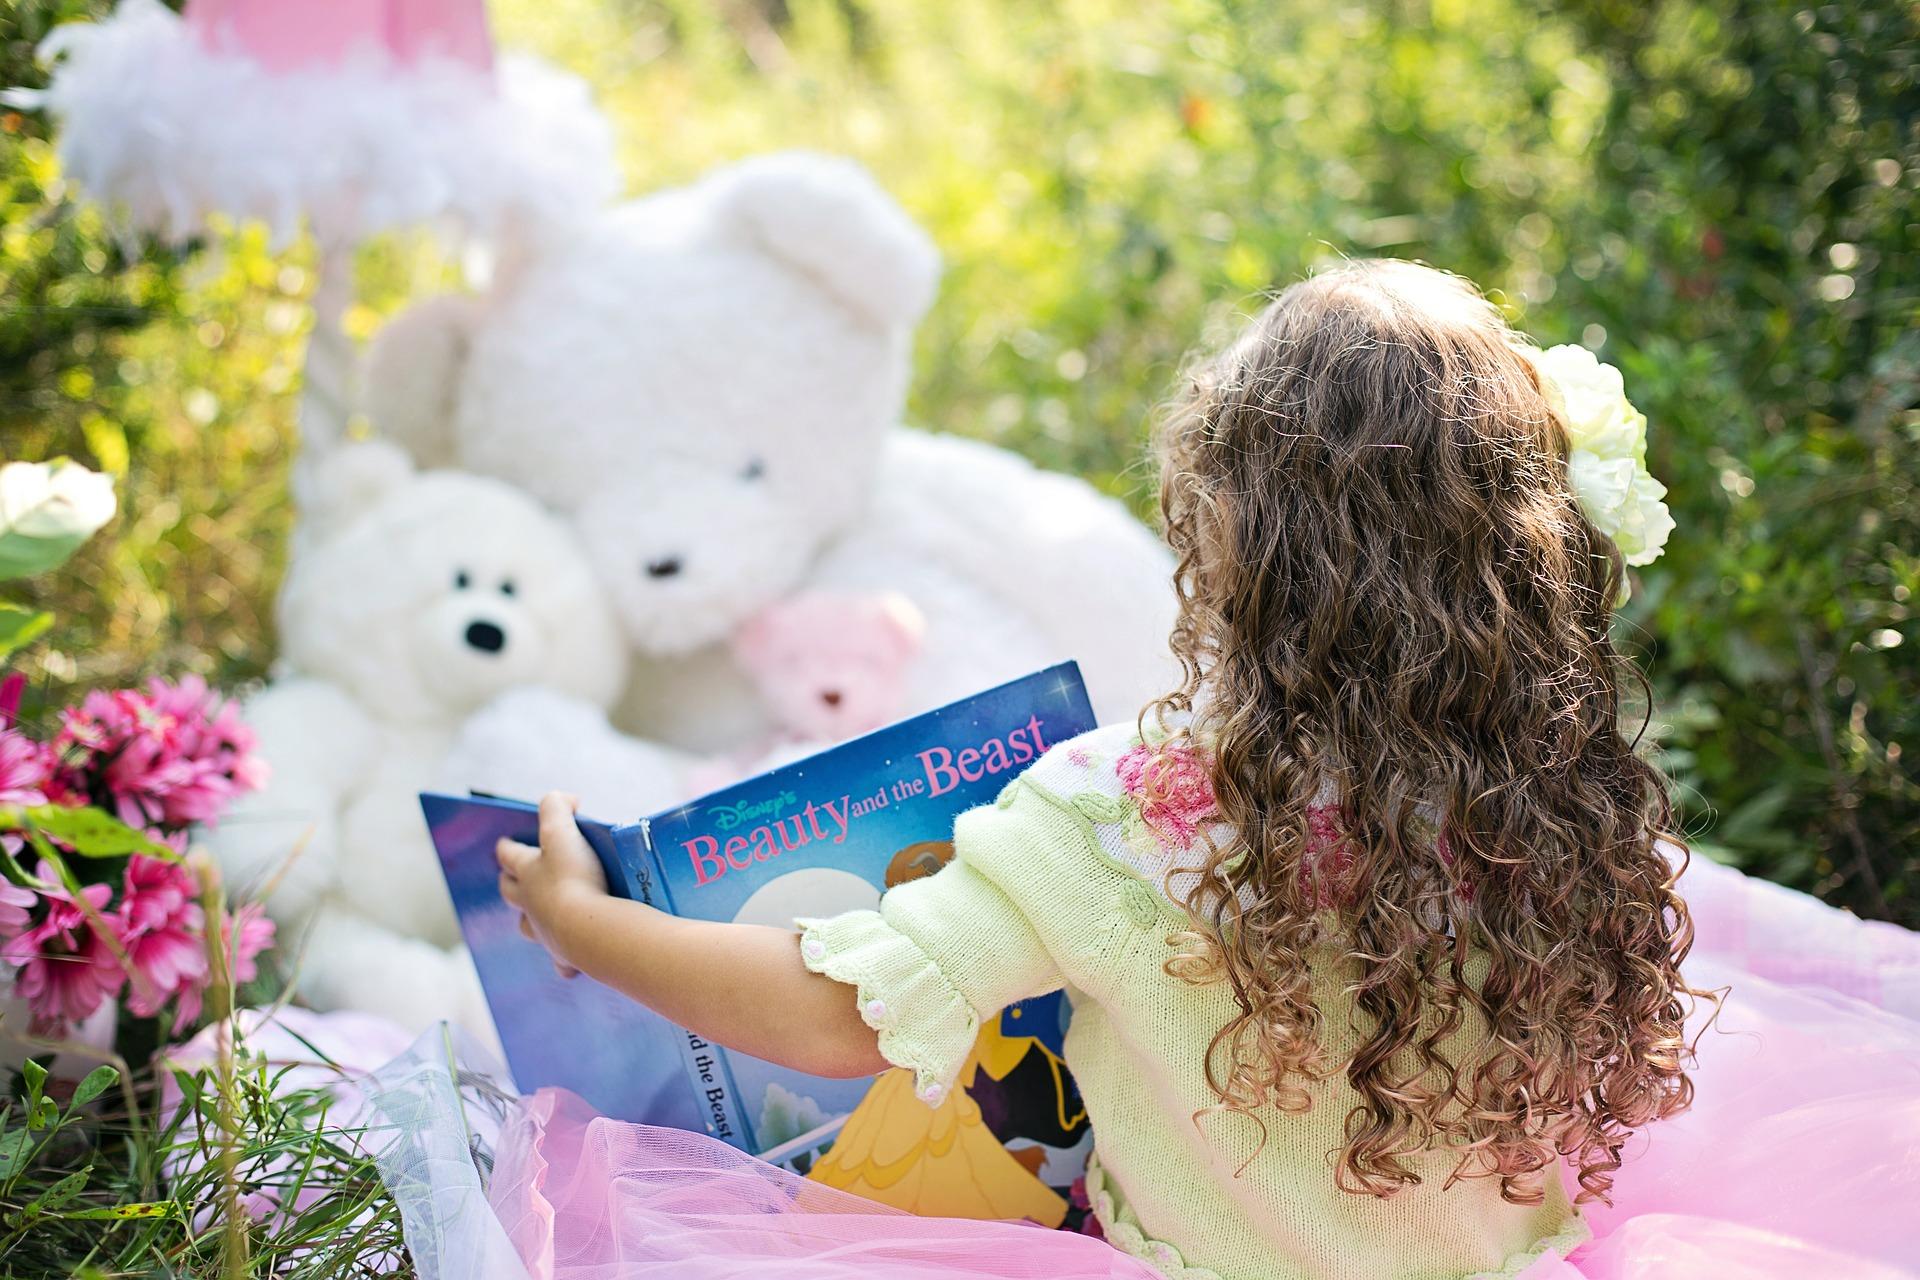 Cum am facut copilul sa citeasca in 2016